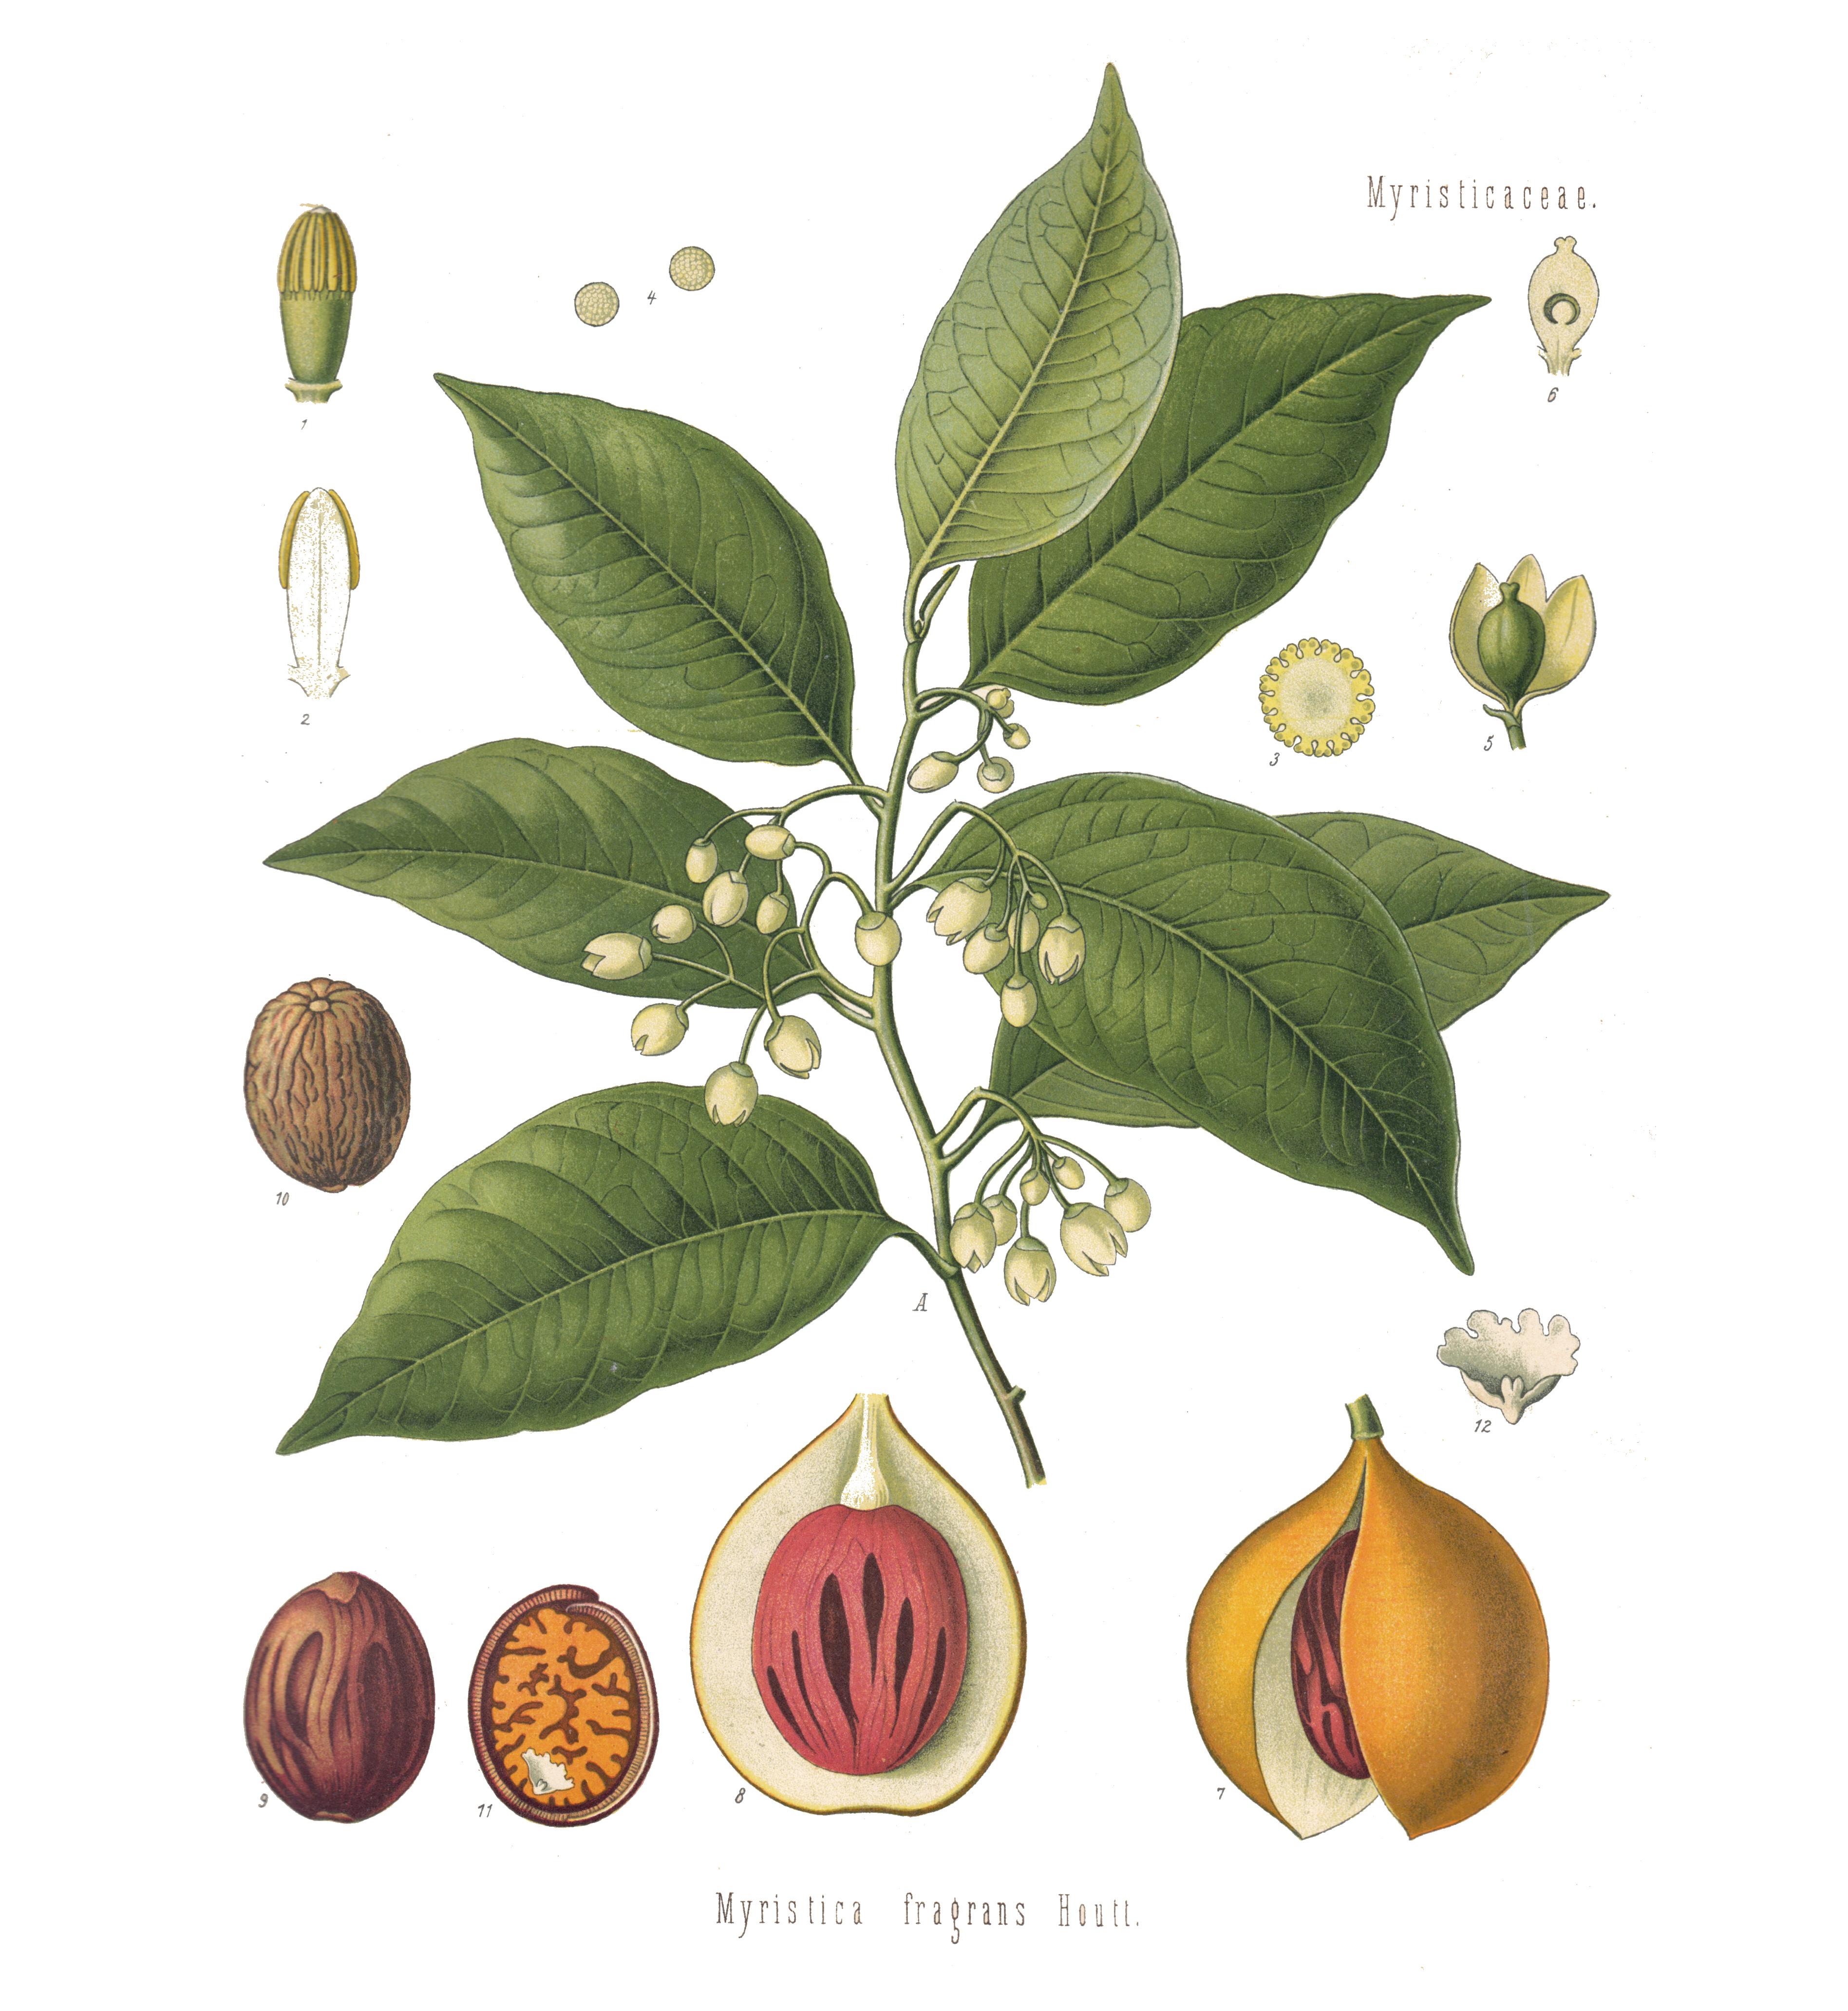 Muskatnussbaum Wikipedia